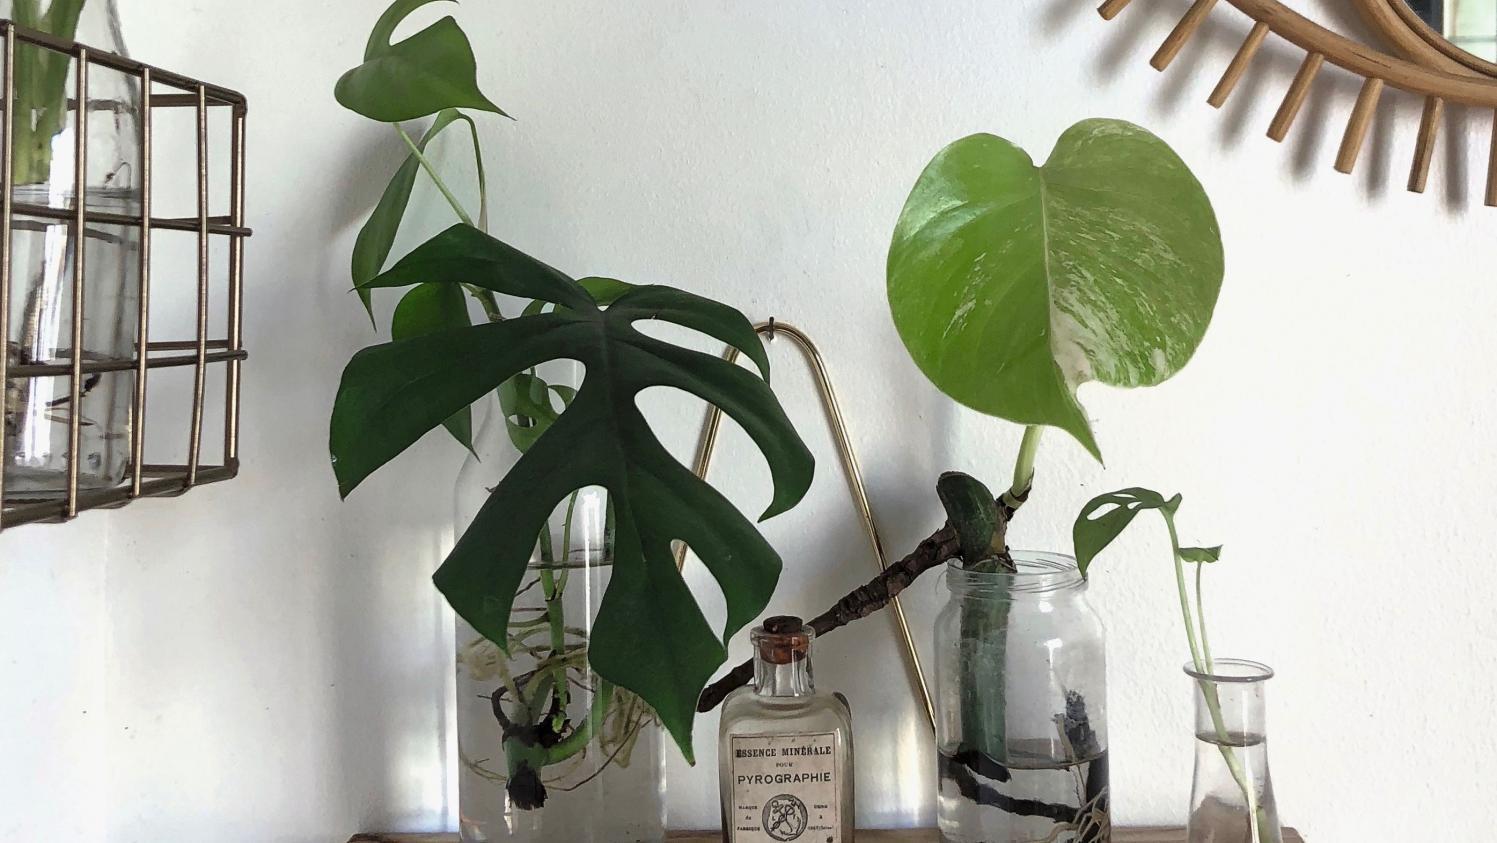 jardin plantes d 39 int rieur comment les bouturer dans l 39 eau. Black Bedroom Furniture Sets. Home Design Ideas